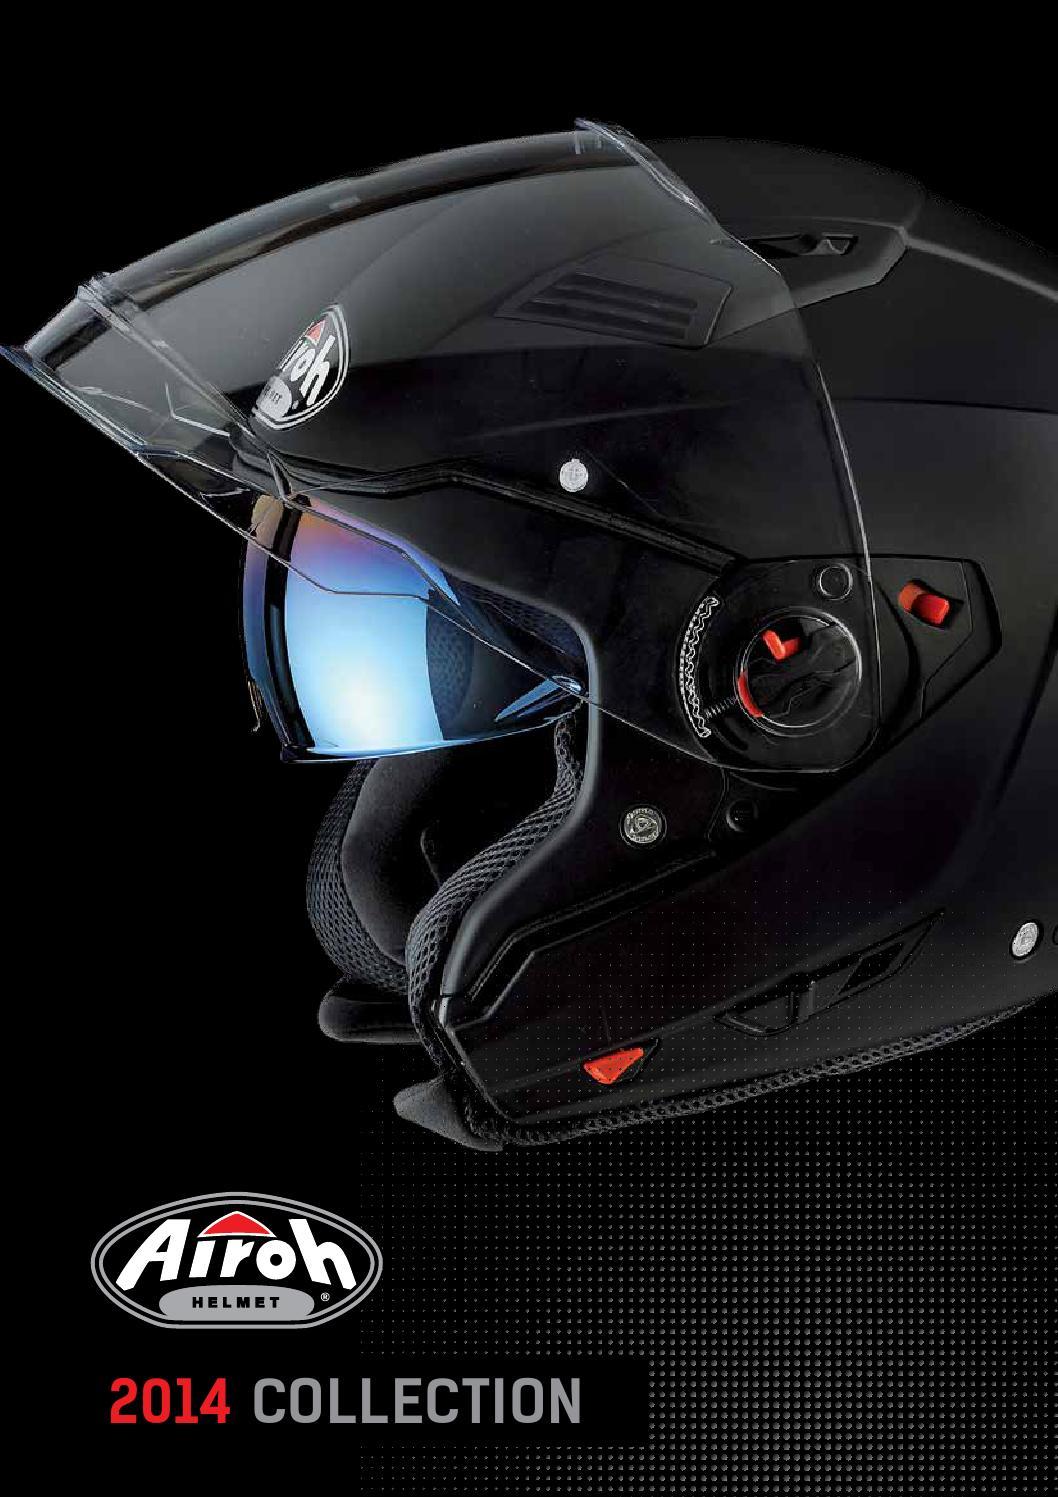 5801V Airoh Mathisse//MT Air Visor Clear